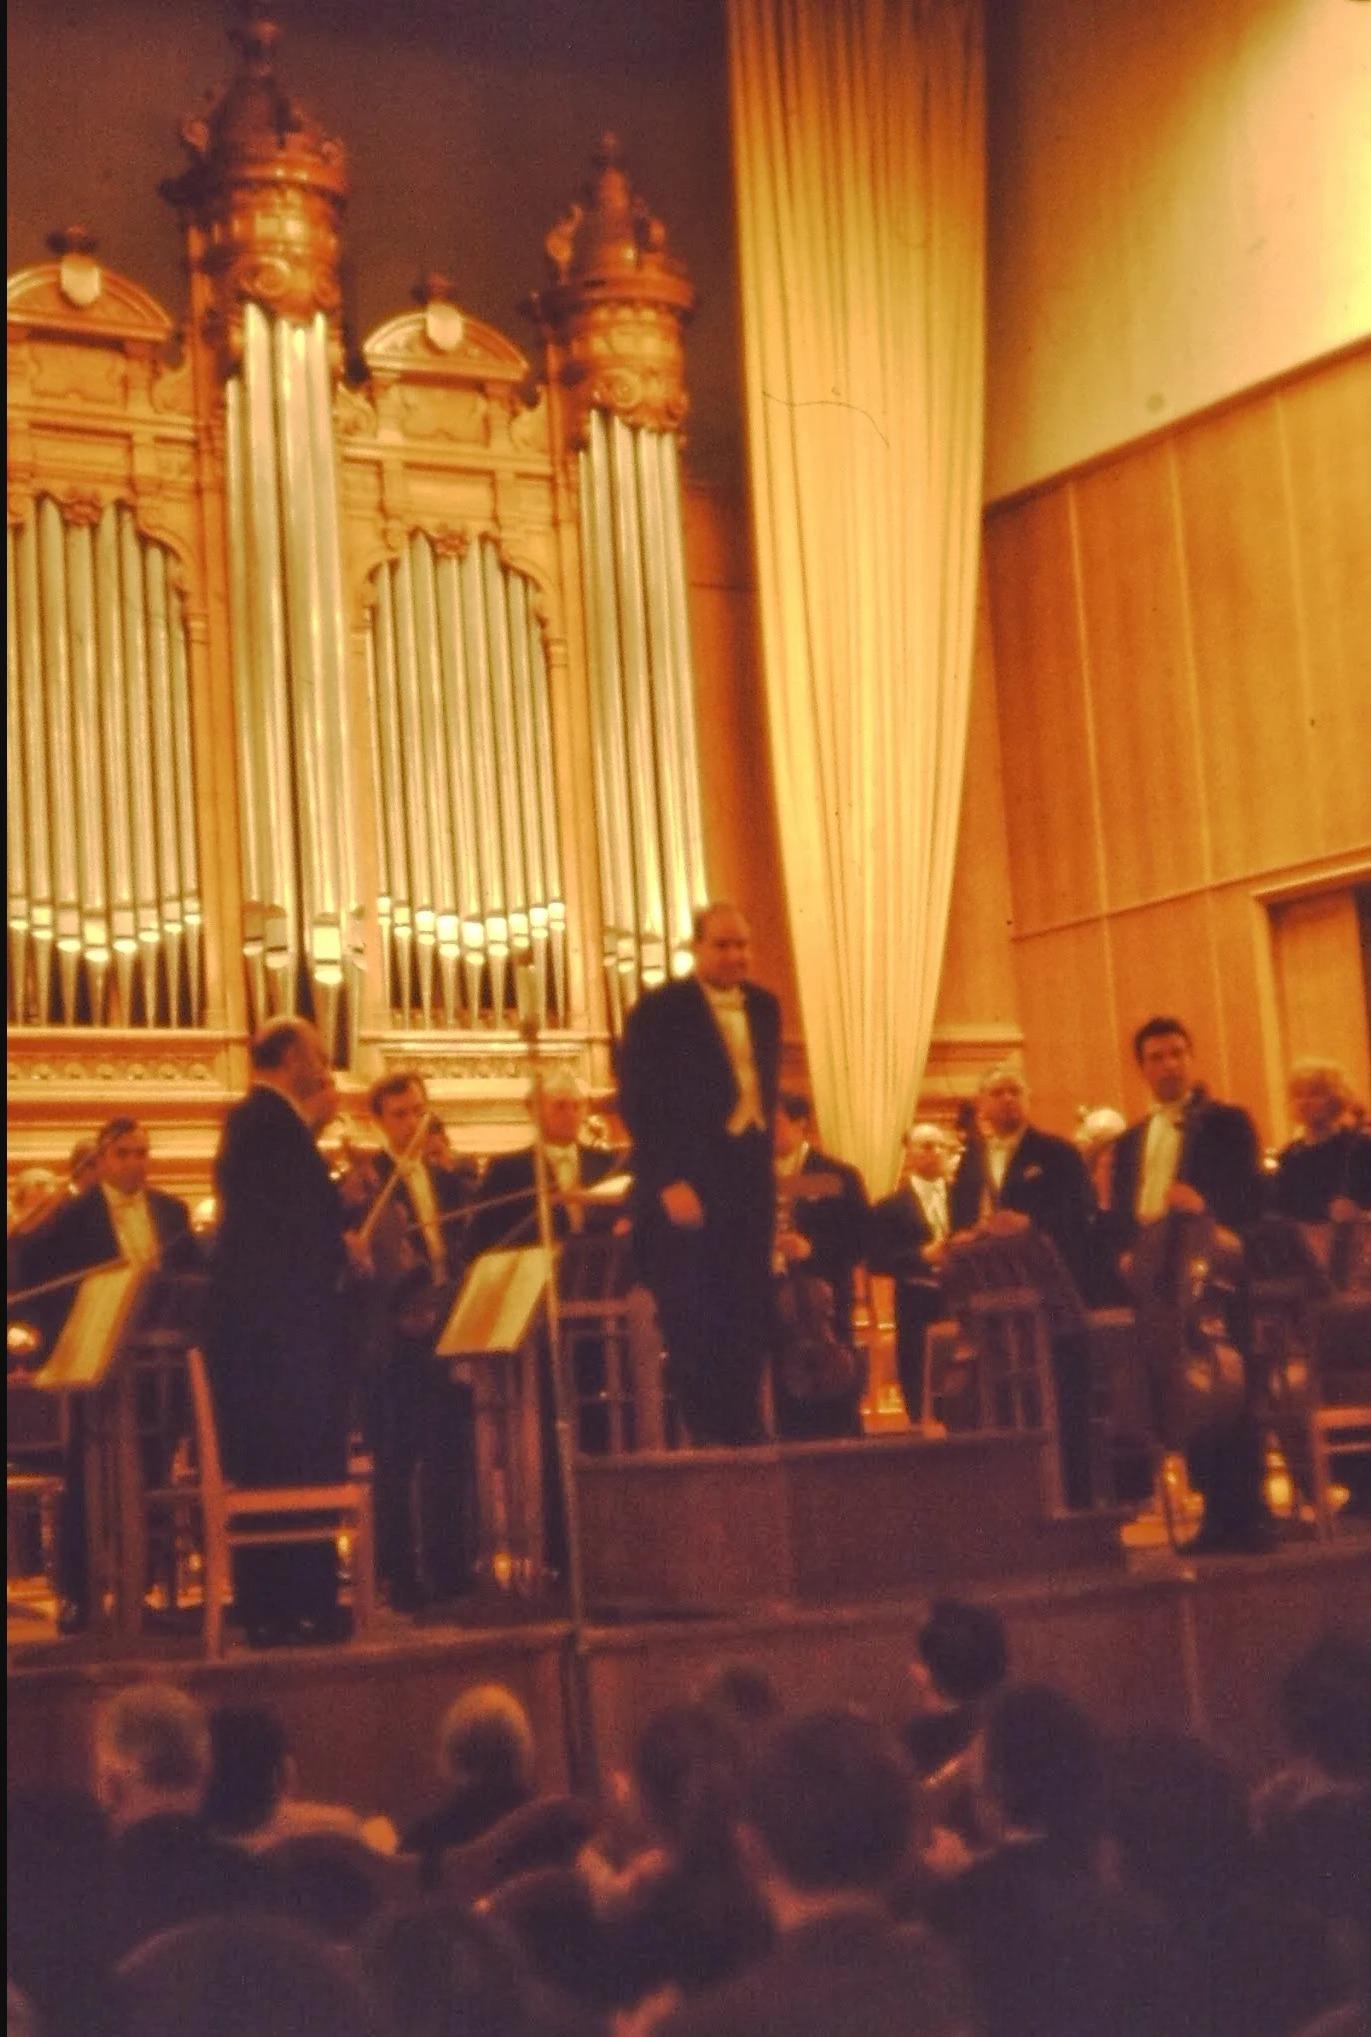 Государственный симфонический оркестр. Давид Ойстрах. Исполнение Девятой симфонии Шостаковича. Мы все еще не понимаем как следует музыку Шостаковича. Это совершенно новое и по первому разу очень странное явление